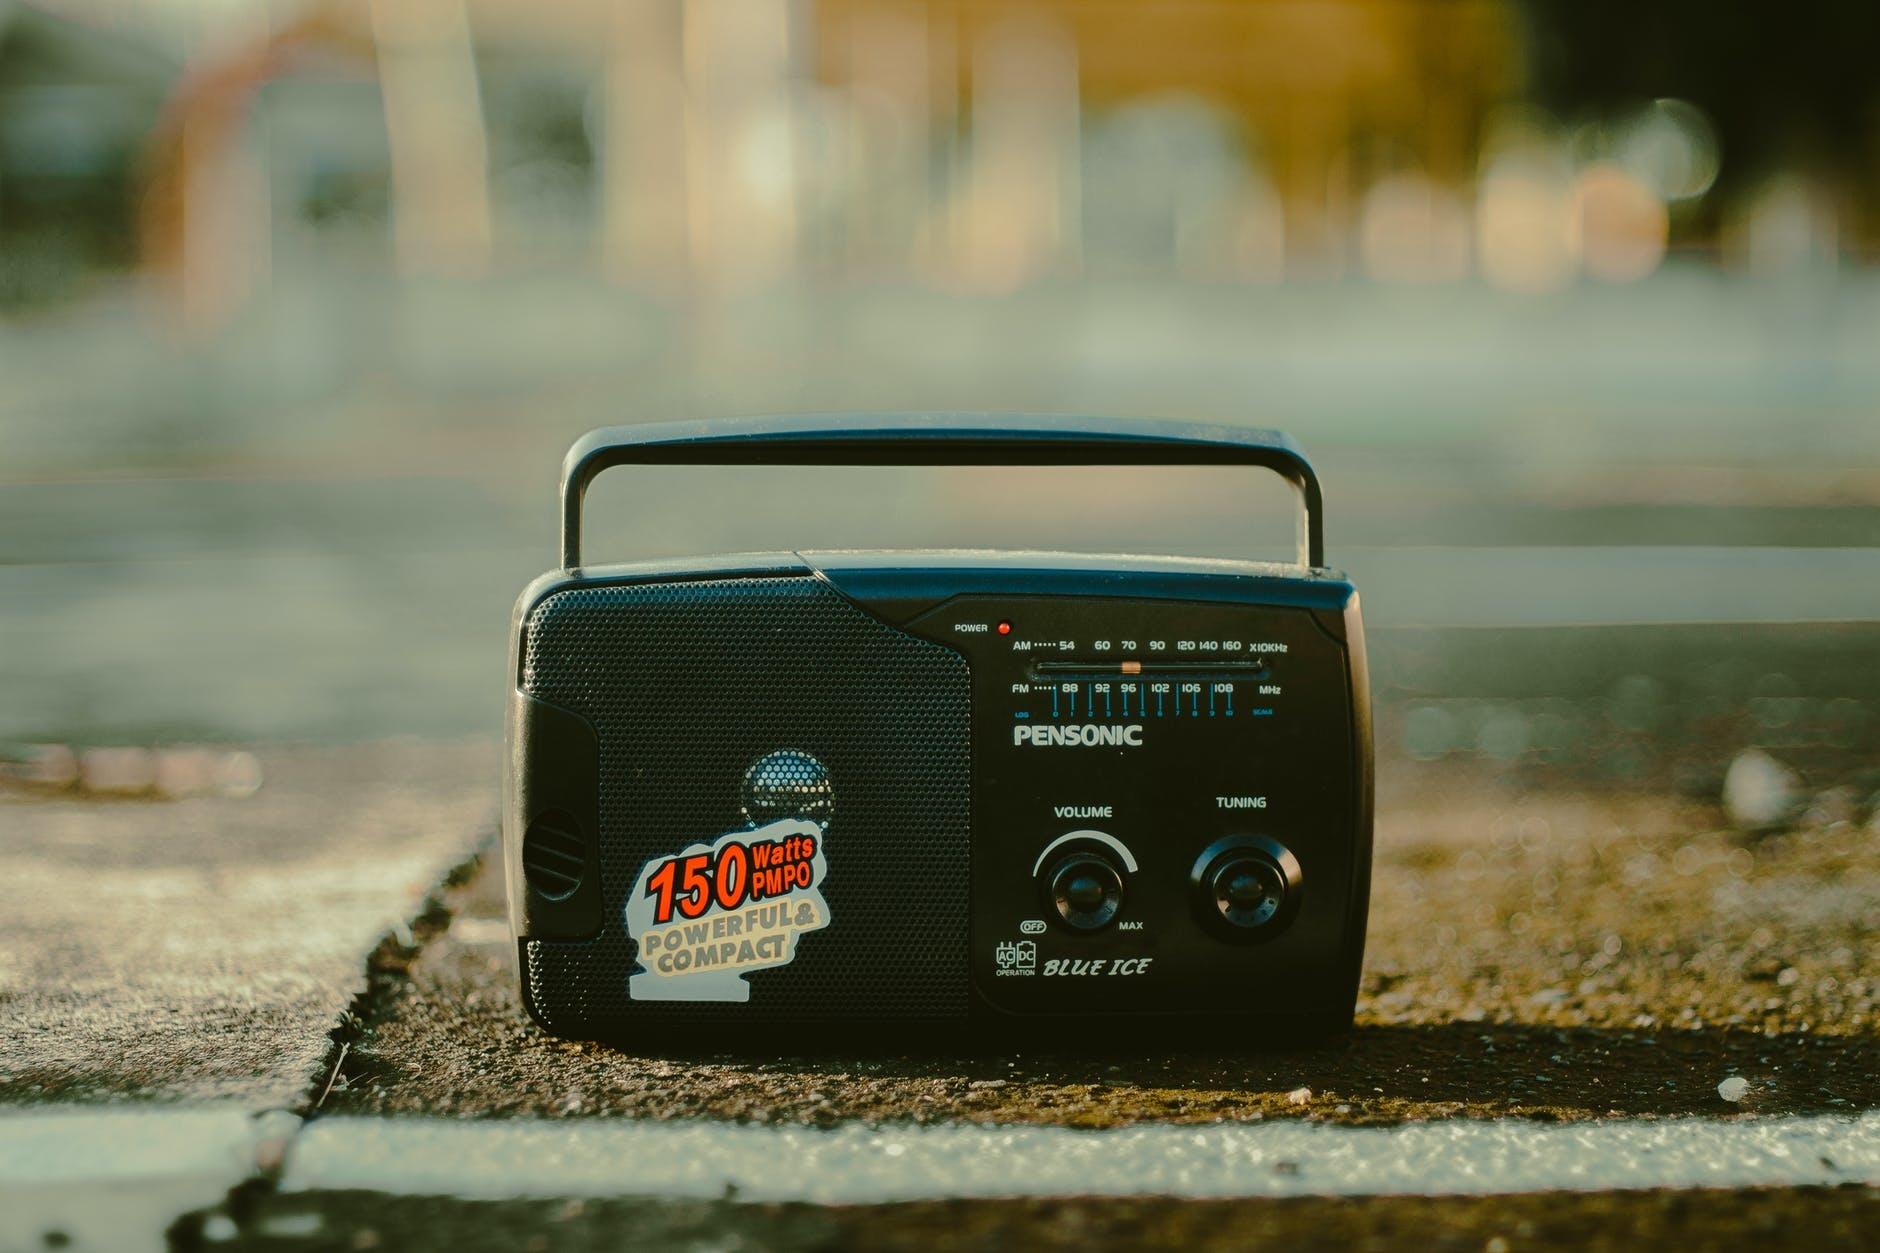 ラジオを買って雰囲気を出しちゃう?